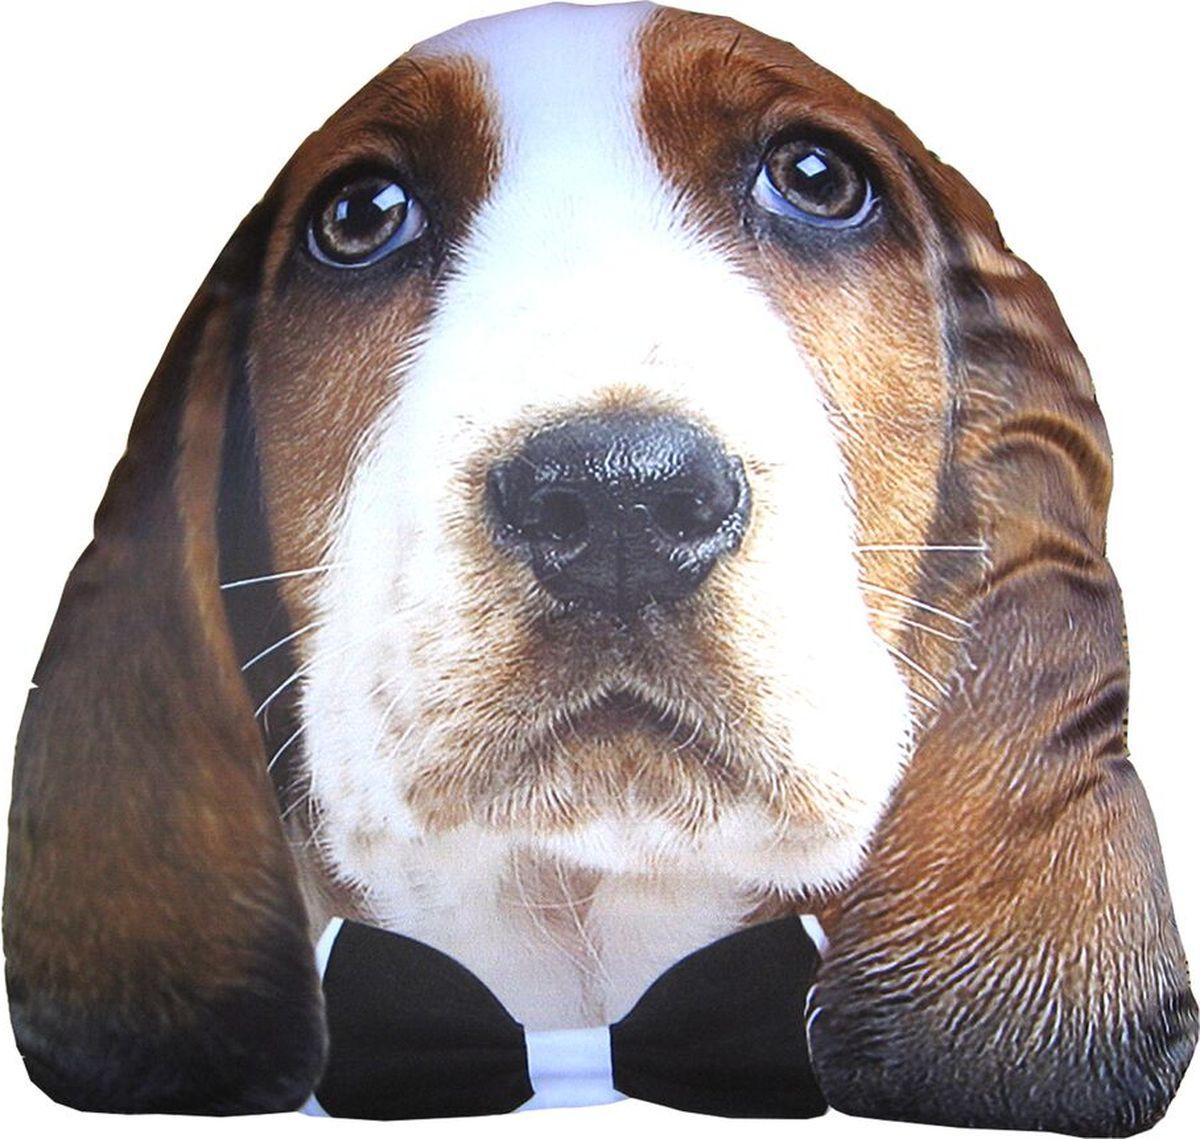 Подушка декоративная GiftnHome Пес джентльмен, 38 x 38 смPLW-Face Пес джентельменИнтерьерные подушки с модными принтами внесут яркие краски и актуальныйстиль в интерьер вашего дома, дачи, офиса или студии. Подушки имеют съемный чехол и цельный вкладыш, что обеспечиваетмаксимальное удобство в стирке и чистке.